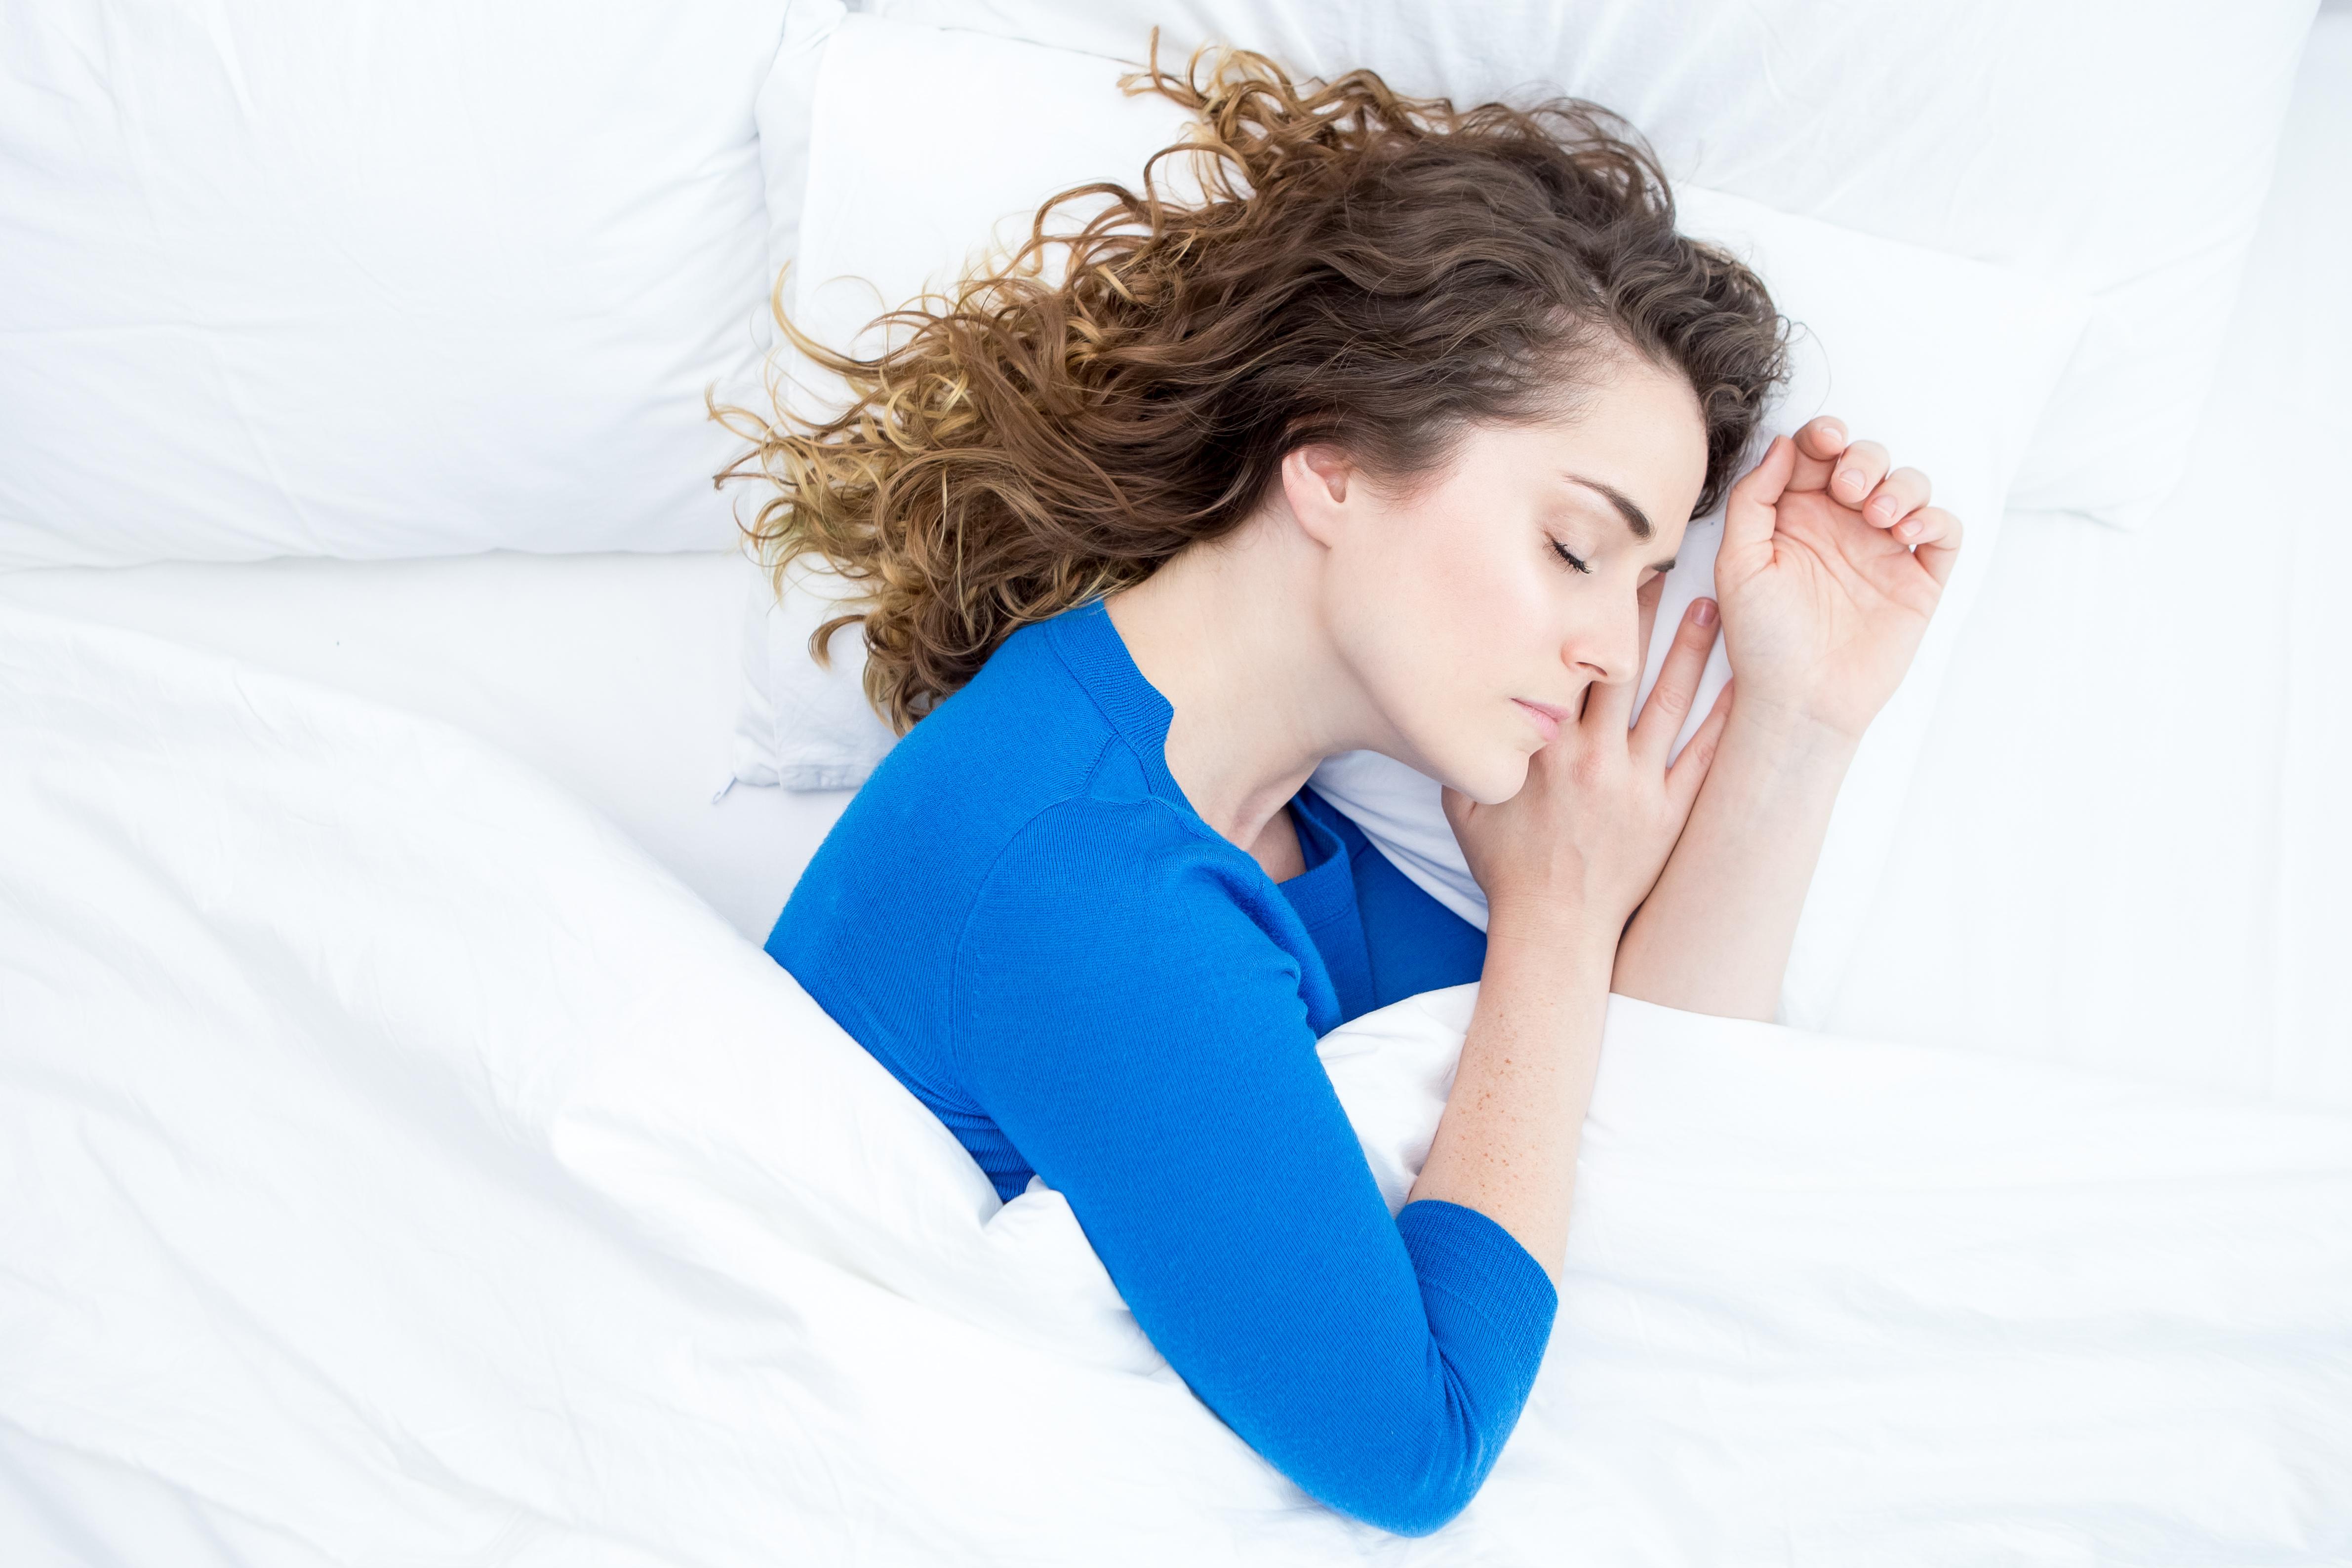 10 consejos para no caer enfermo este invierno y los próximos: 9º consejo